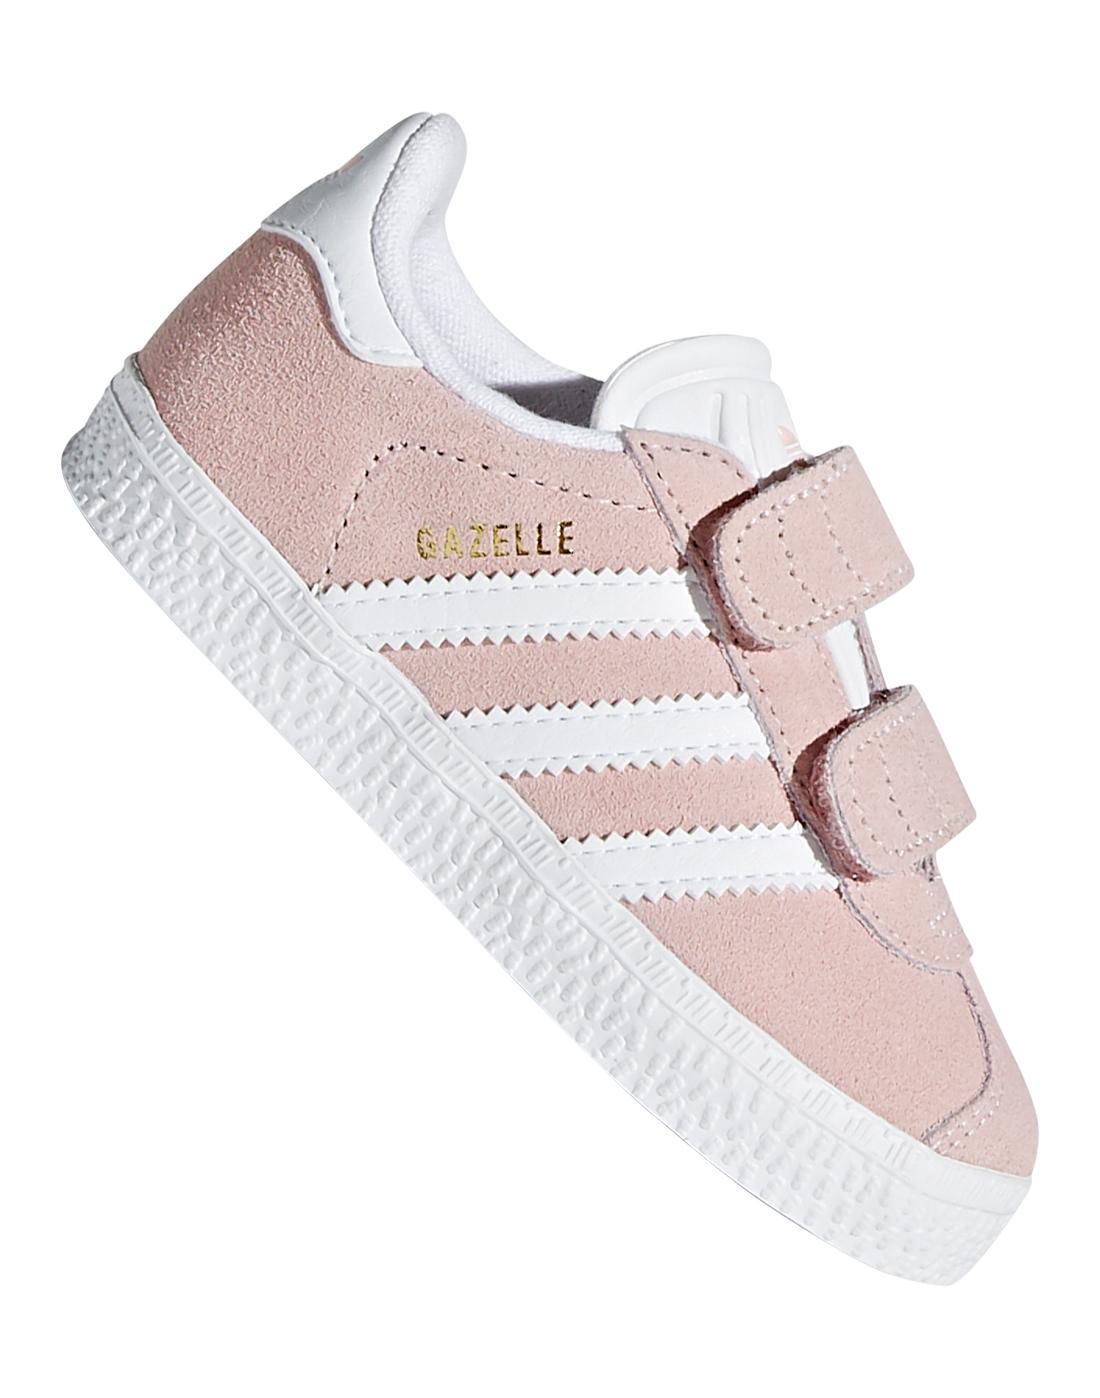 81636e55ff48be adidas Originals. Infant Girls Gazelle. Infant Girls Gazelle ...